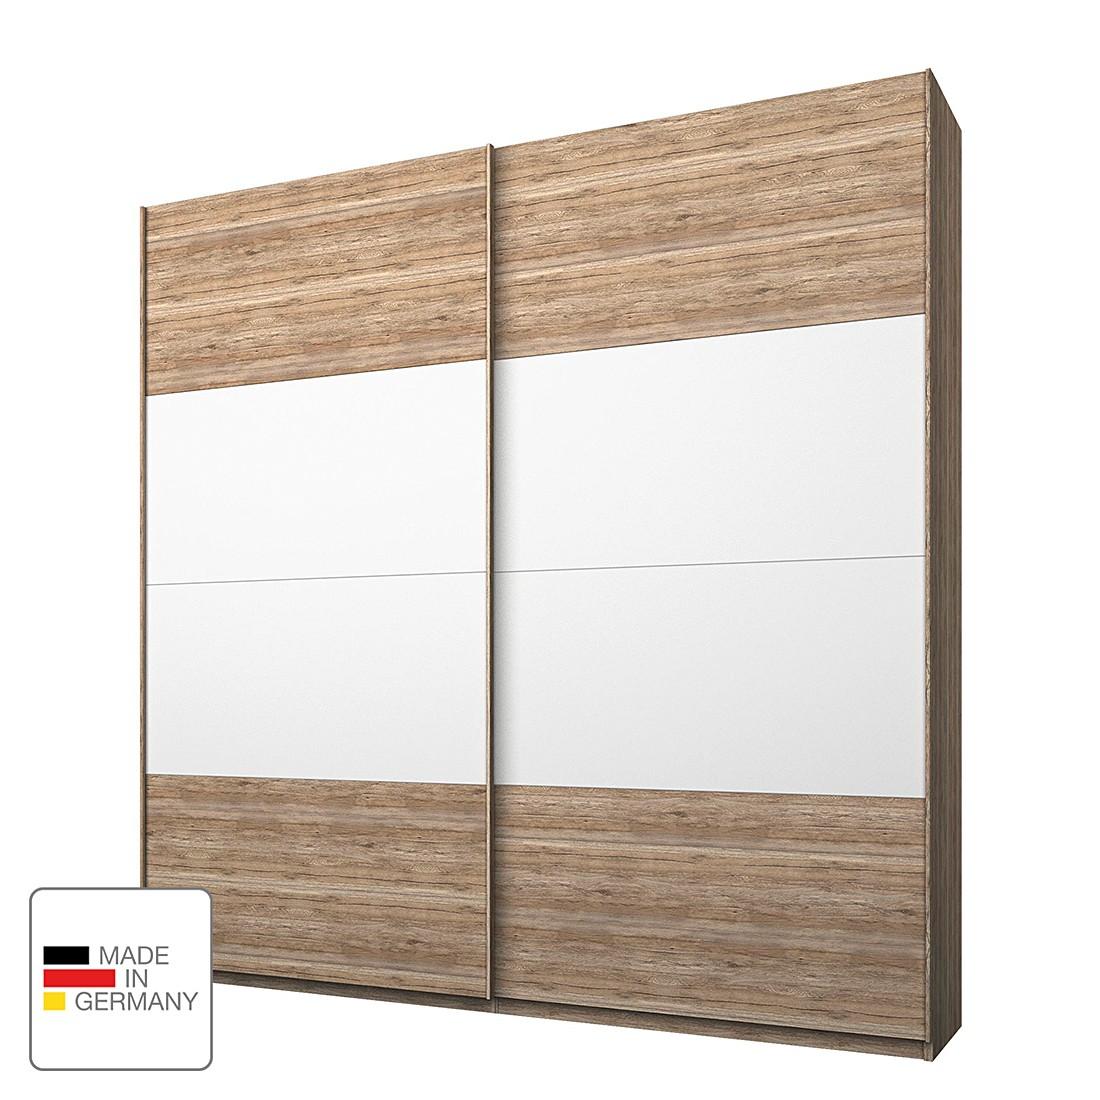 kleiderschrank lea eiche sanremo hell dekor alpinwei 250 cm 5 t rig eiche sanremo dekor. Black Bedroom Furniture Sets. Home Design Ideas